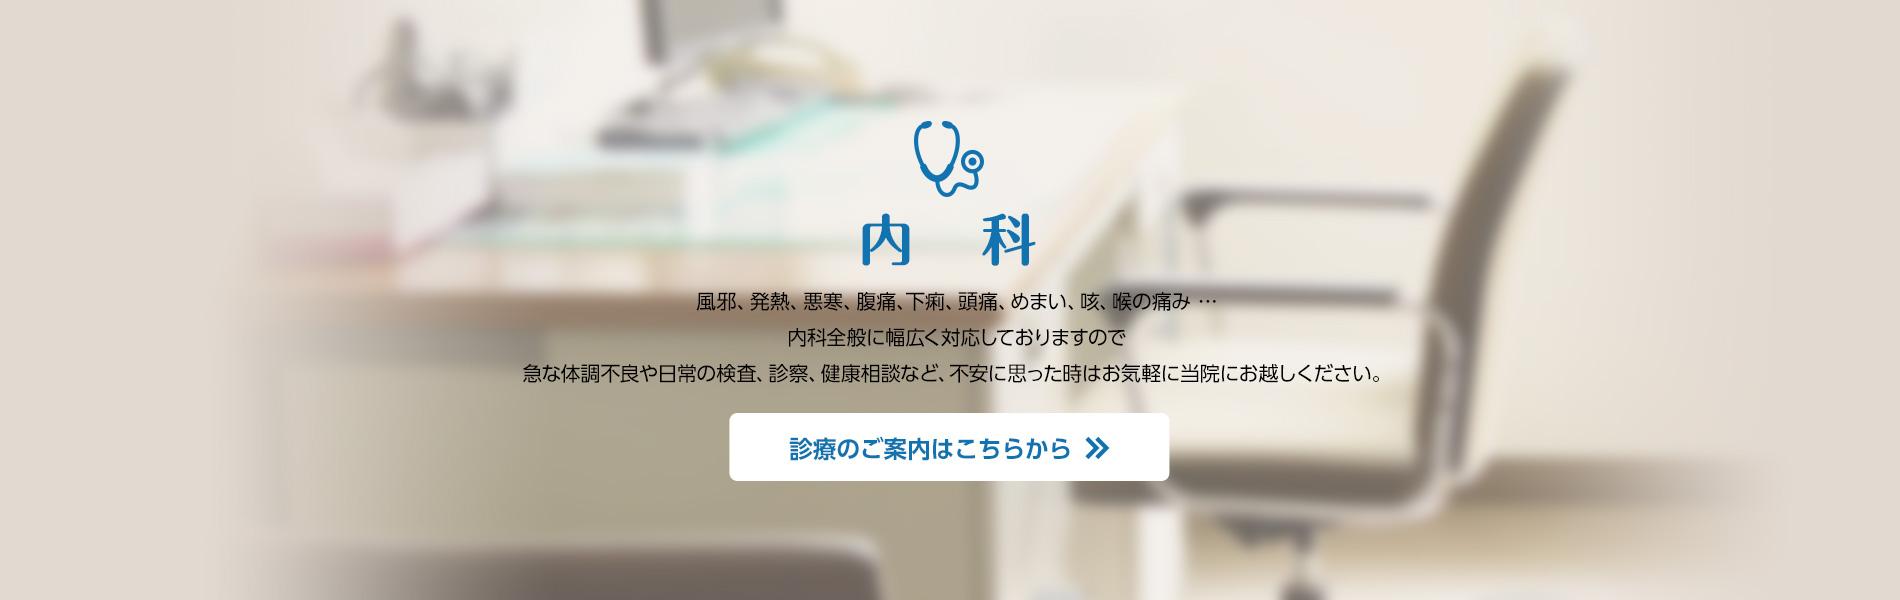 内科全般の診療をおこなっています